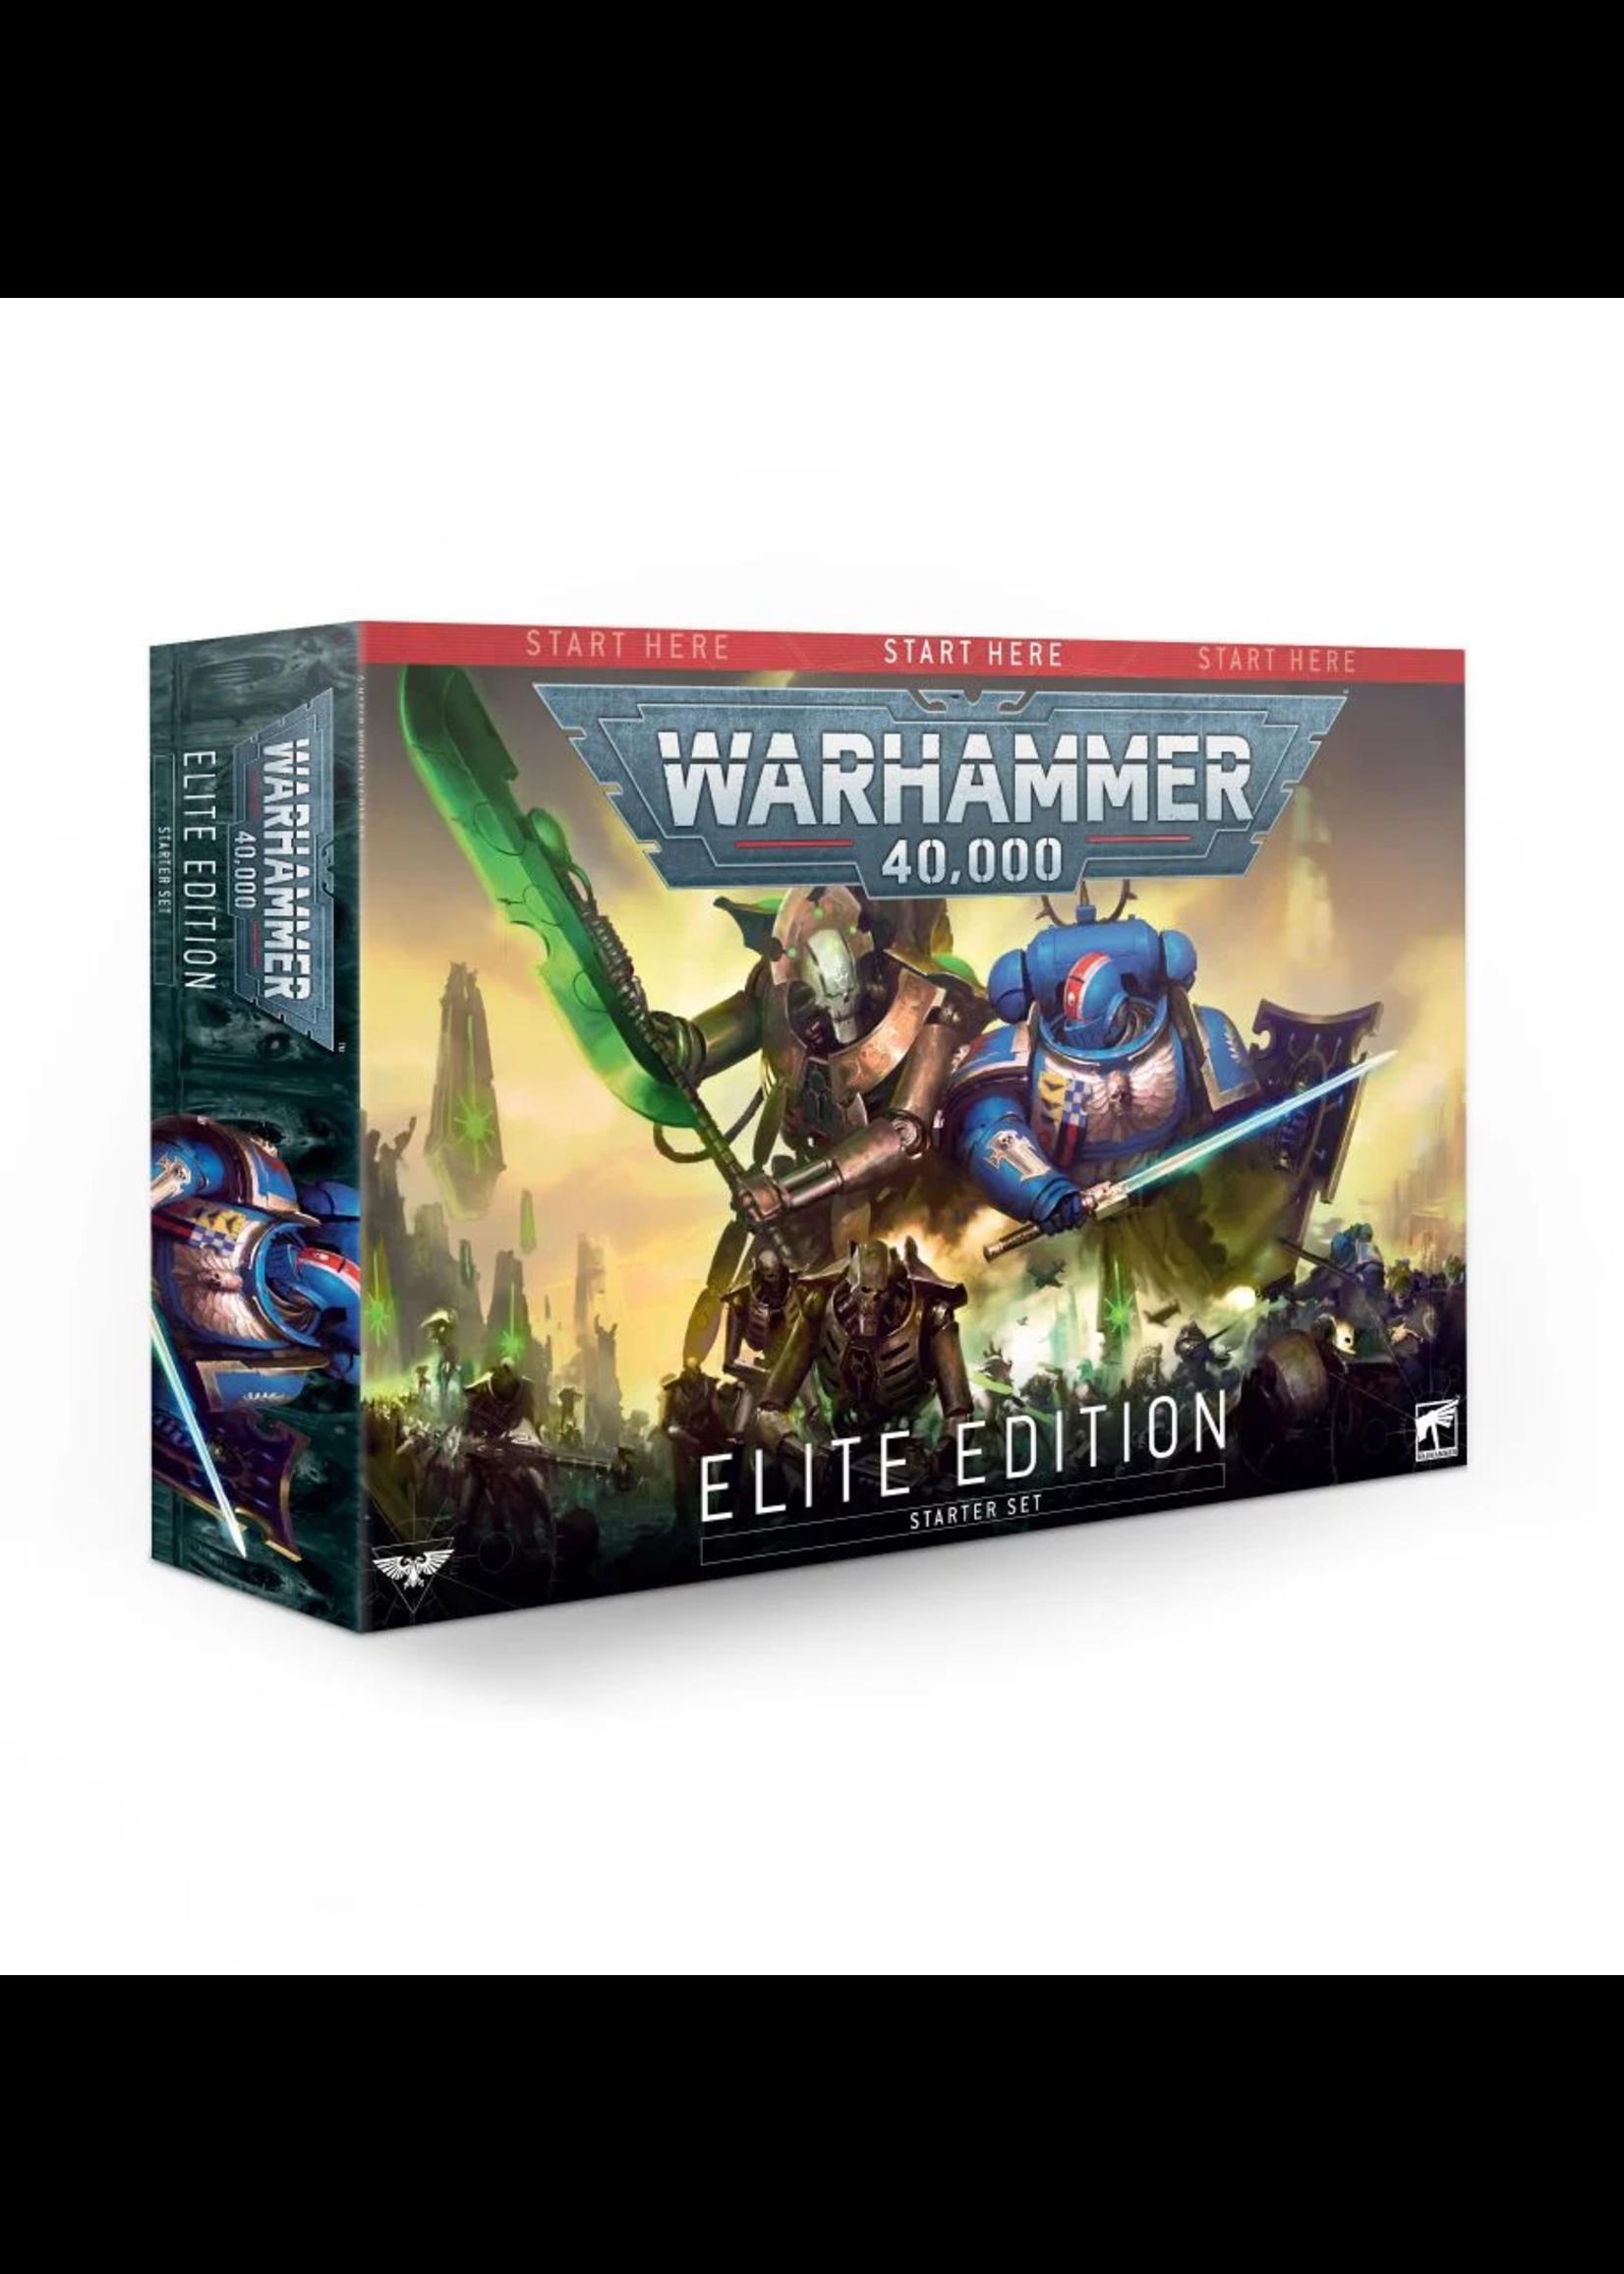 Warhammer 40000 Elite Edition Starter Set